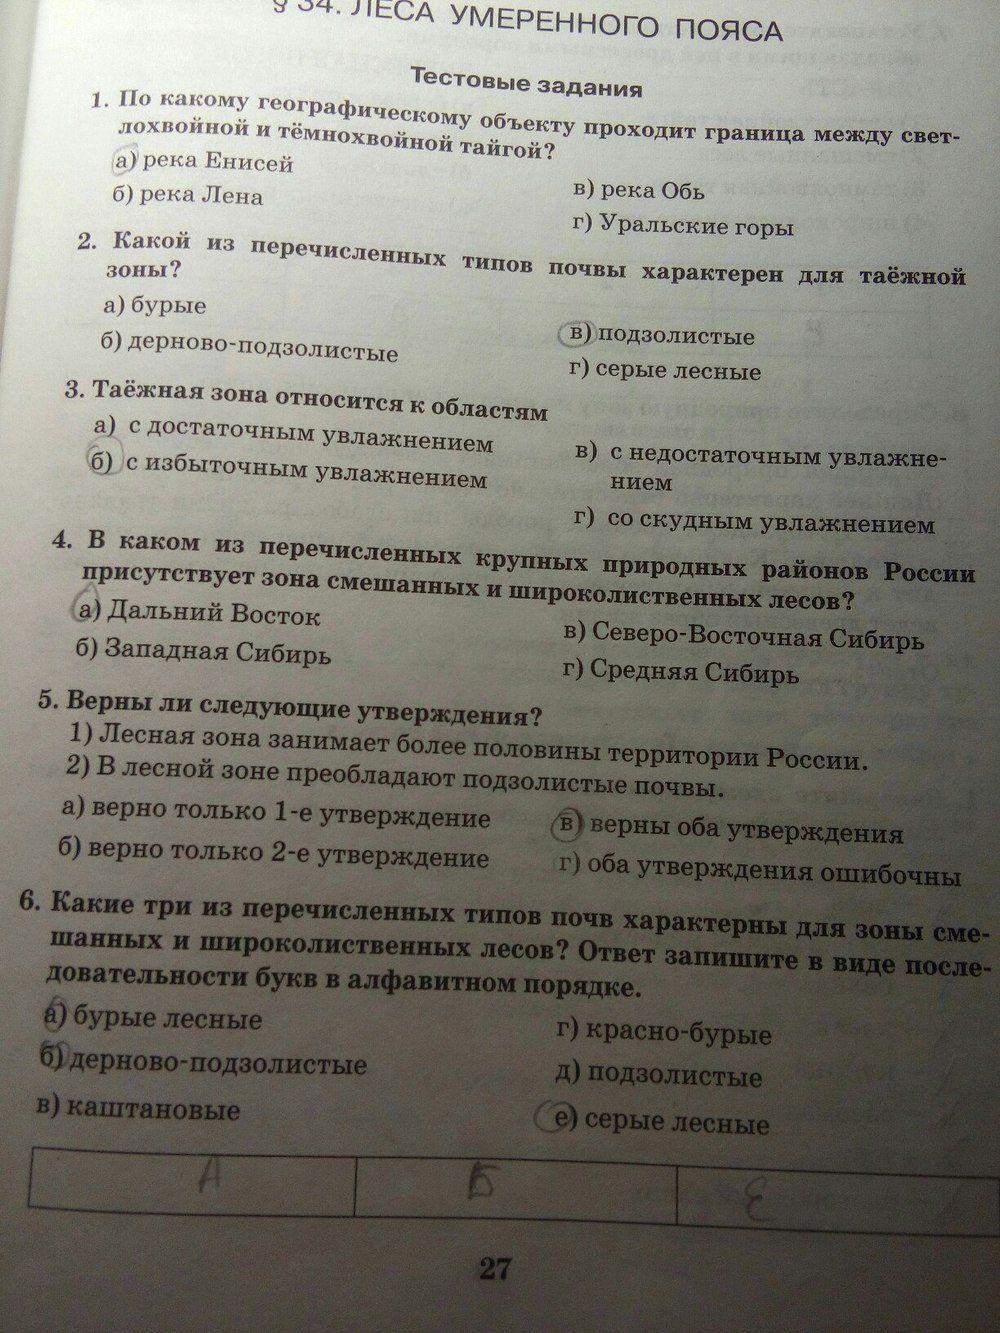 Гдз по географии печатная тетрадь 9 класс к учебнику домогацких